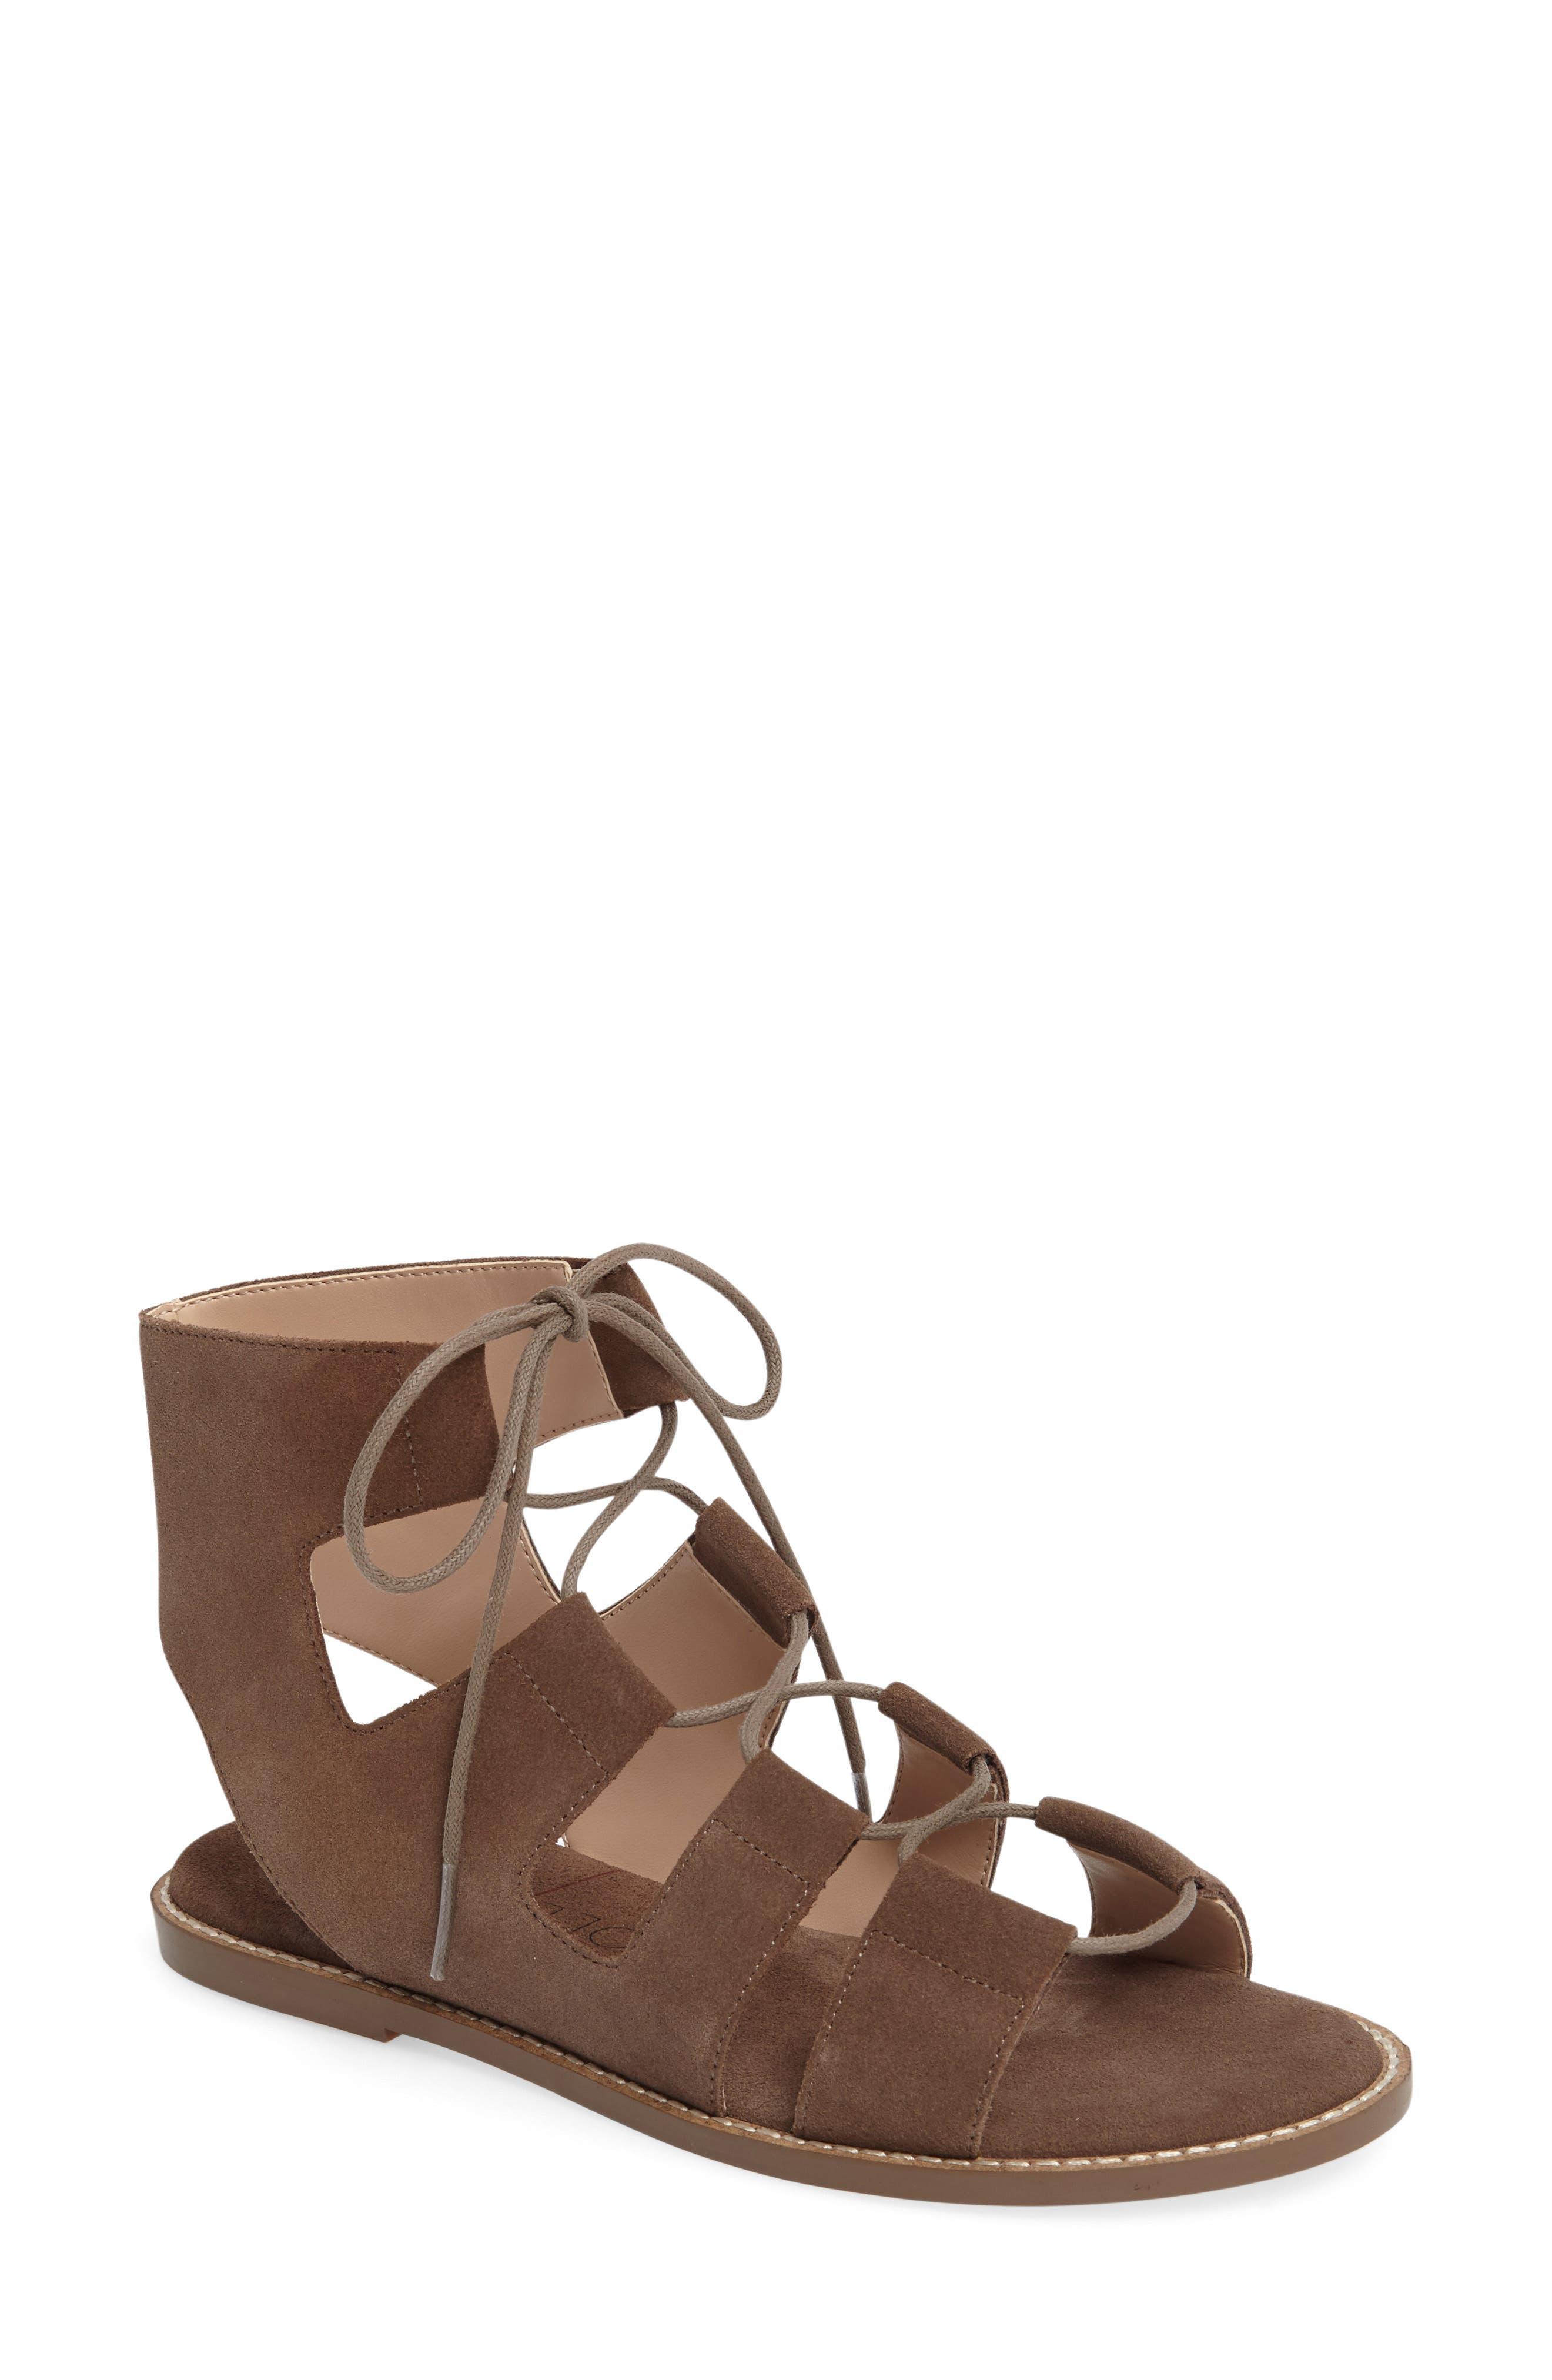 'Cady' Lace-Up Flat Sandal,                         Main,                         color,